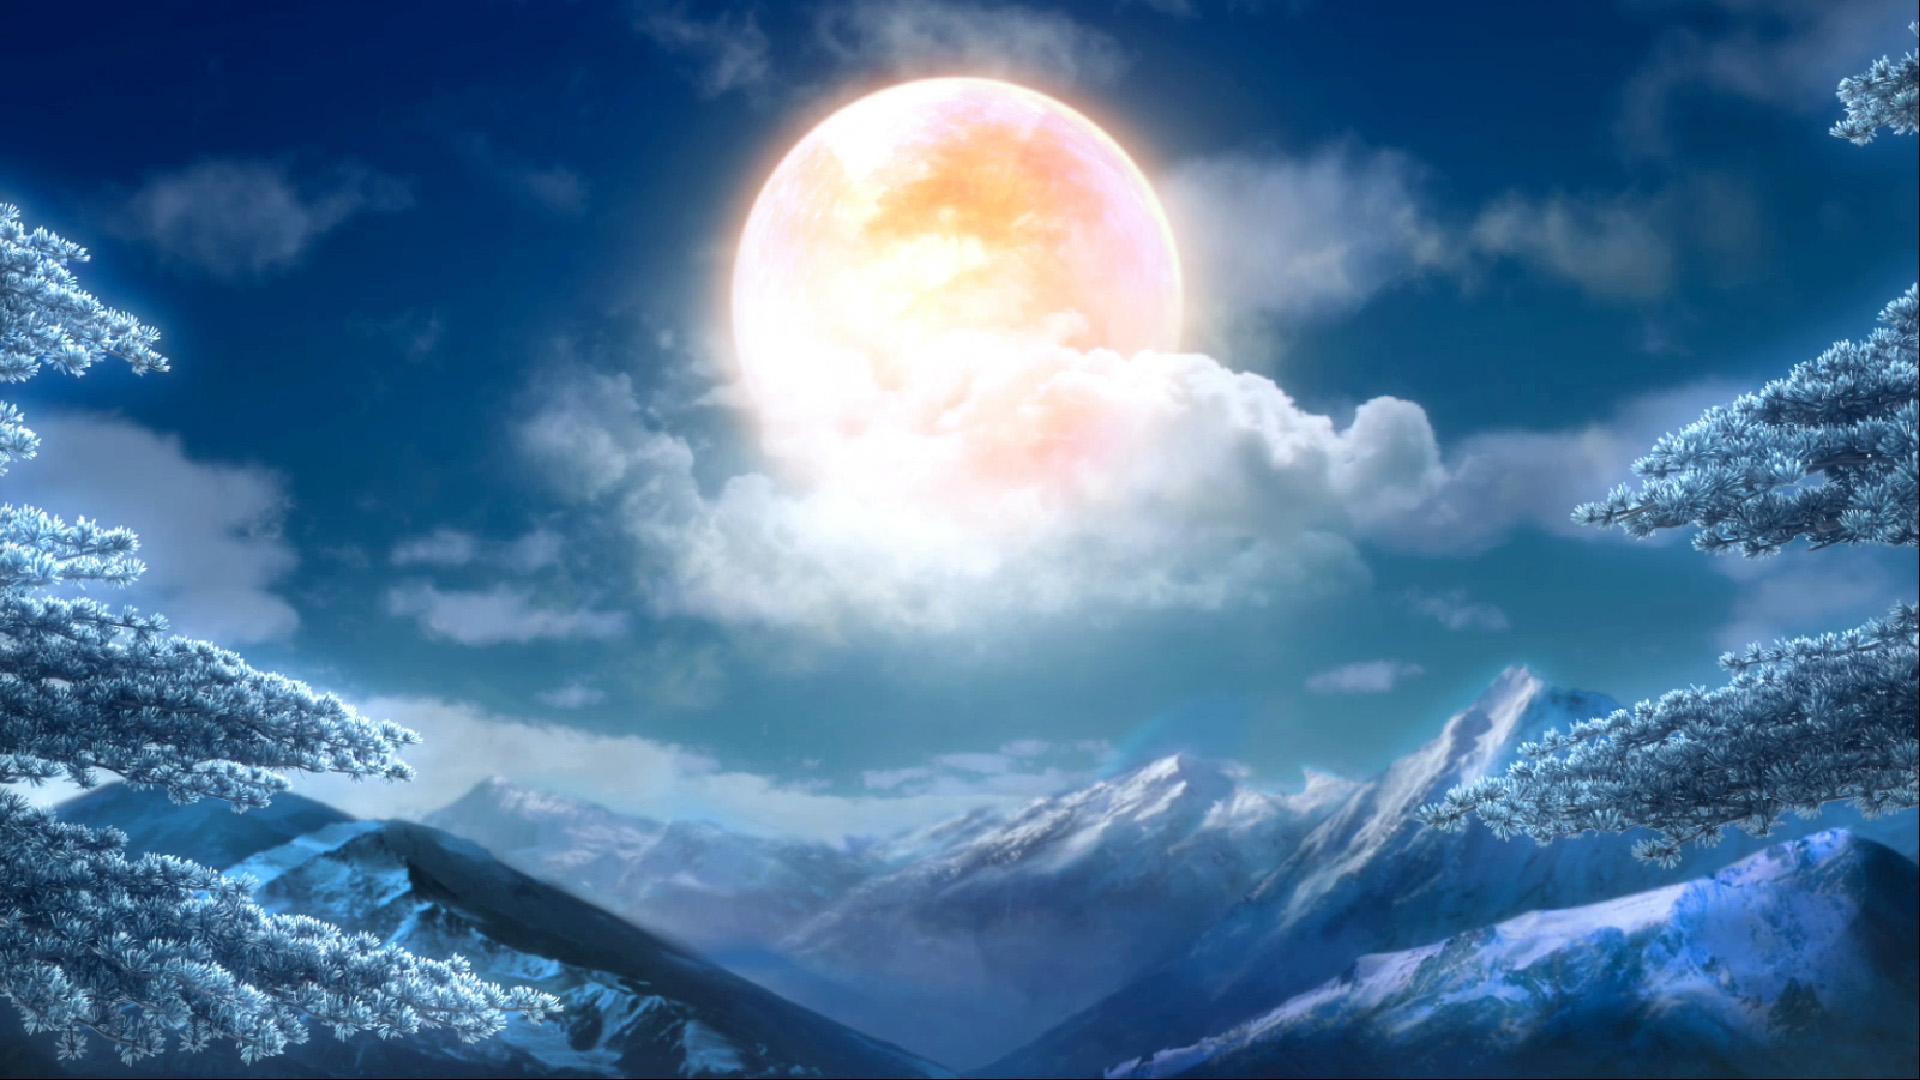 登陆界面背景_求古剑二进入游戏界面的图,高清的